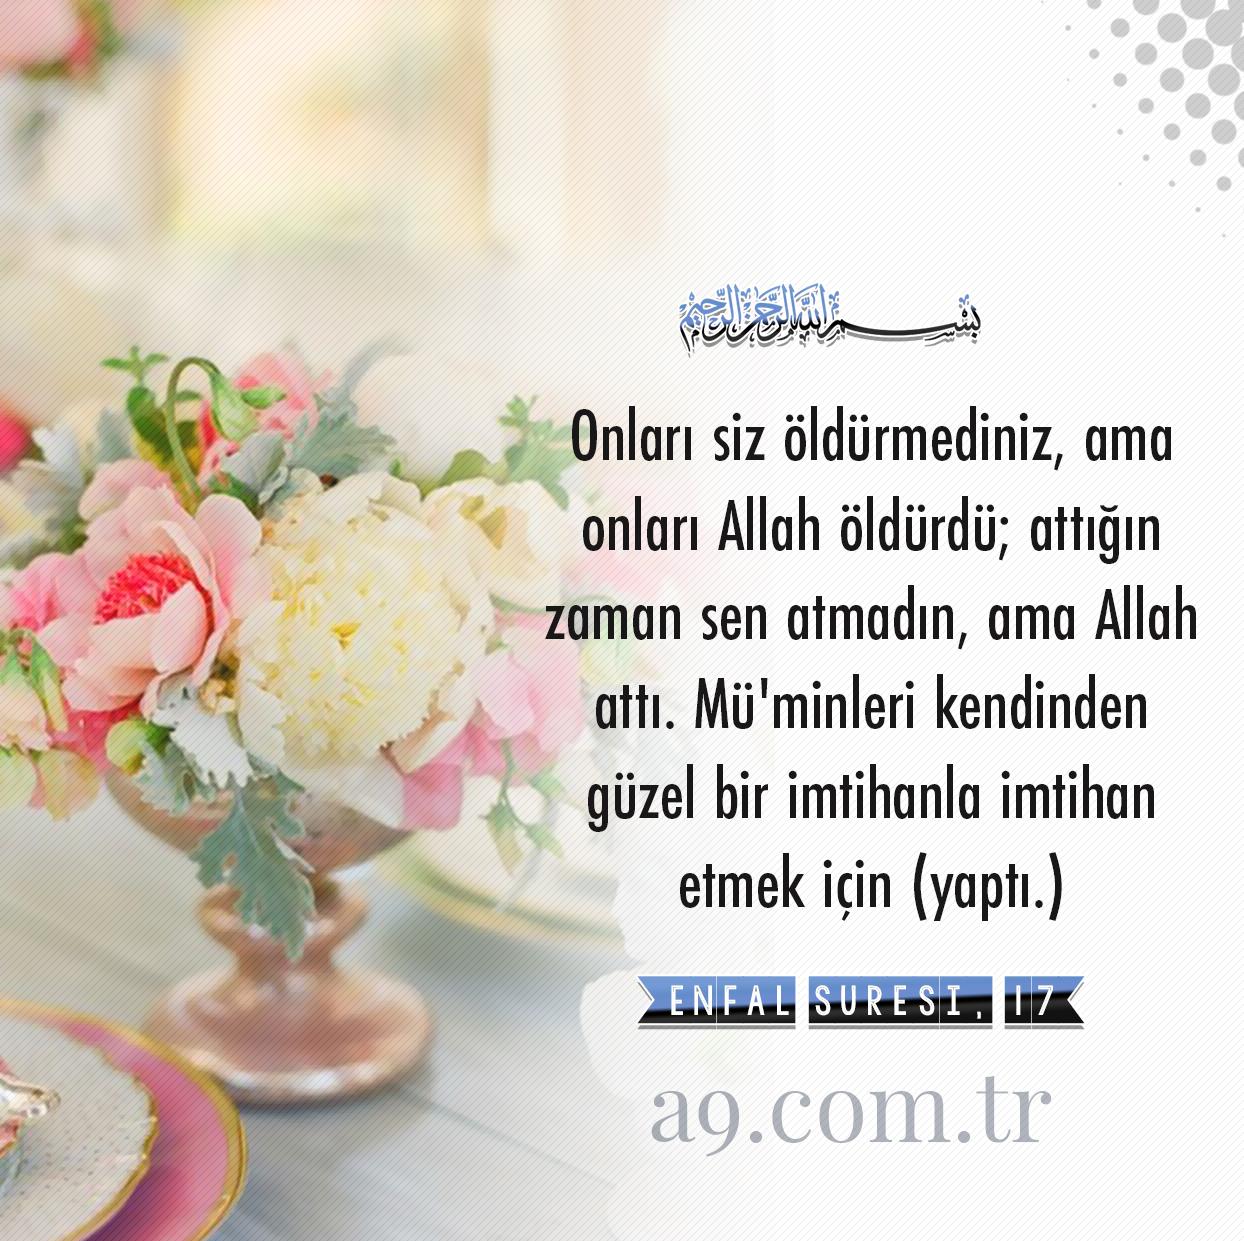 """<table style=""""width: 100%;""""><tr><td style=""""vertical-align: middle;"""">Onları siz öldürmediniz, ama onları Allah öldürdü; attığın zaman sen atmadın, ama Allah attı. Mü""""minleri kendinden güzel bir imtihanla imtihan etmek için (yaptı.) Şüphesiz Allah, işitendir, bilendir. [Enfal Suresi, 17]</td><td style=""""max-width: 70px;vertical-align: middle;""""> <a href=""""/downloadquote.php?filename=1516019559808.jpg""""><img class=""""hoversaturate"""" height=""""20px"""" src=""""/assets/images/download-iconu.png"""" style=""""width: 48px; height: 48px;"""" title=""""Resmi İndir""""/></a></td></tr></table>"""